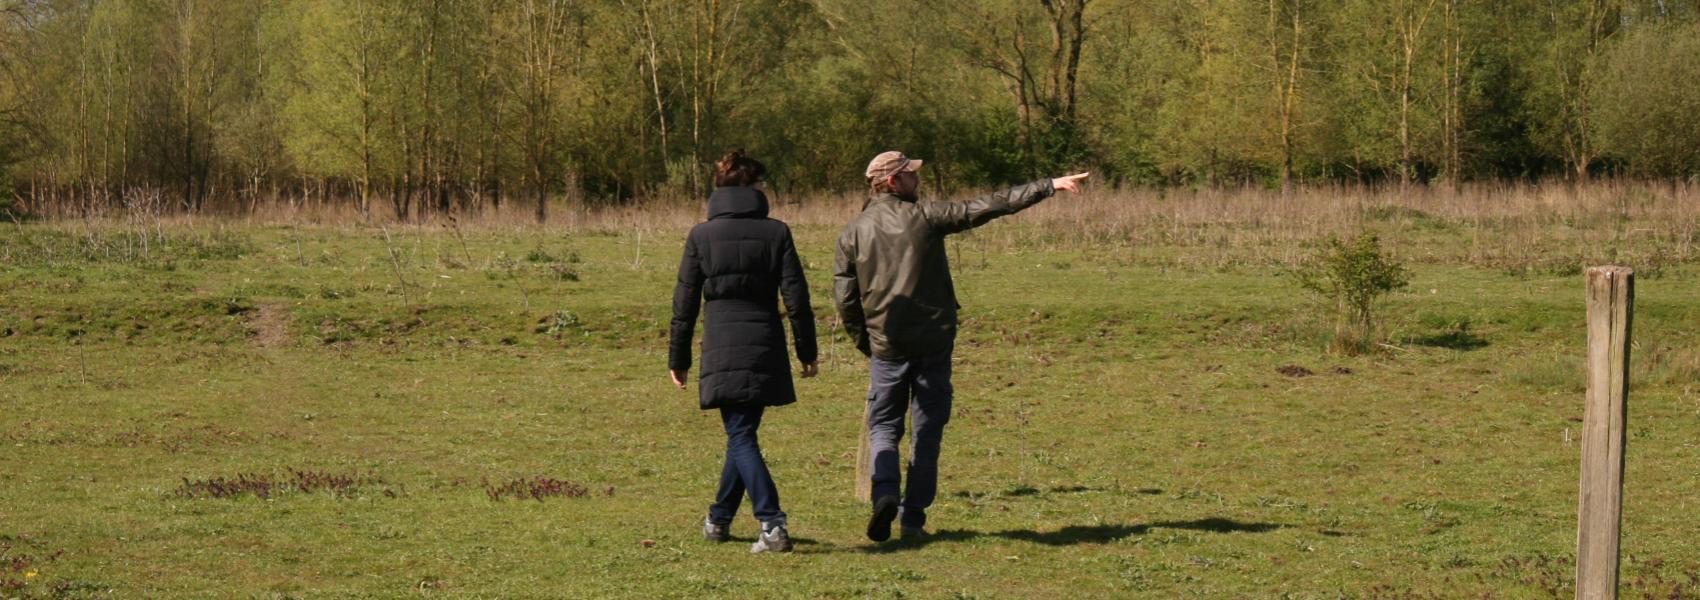 2 wandelaars in het open landschap